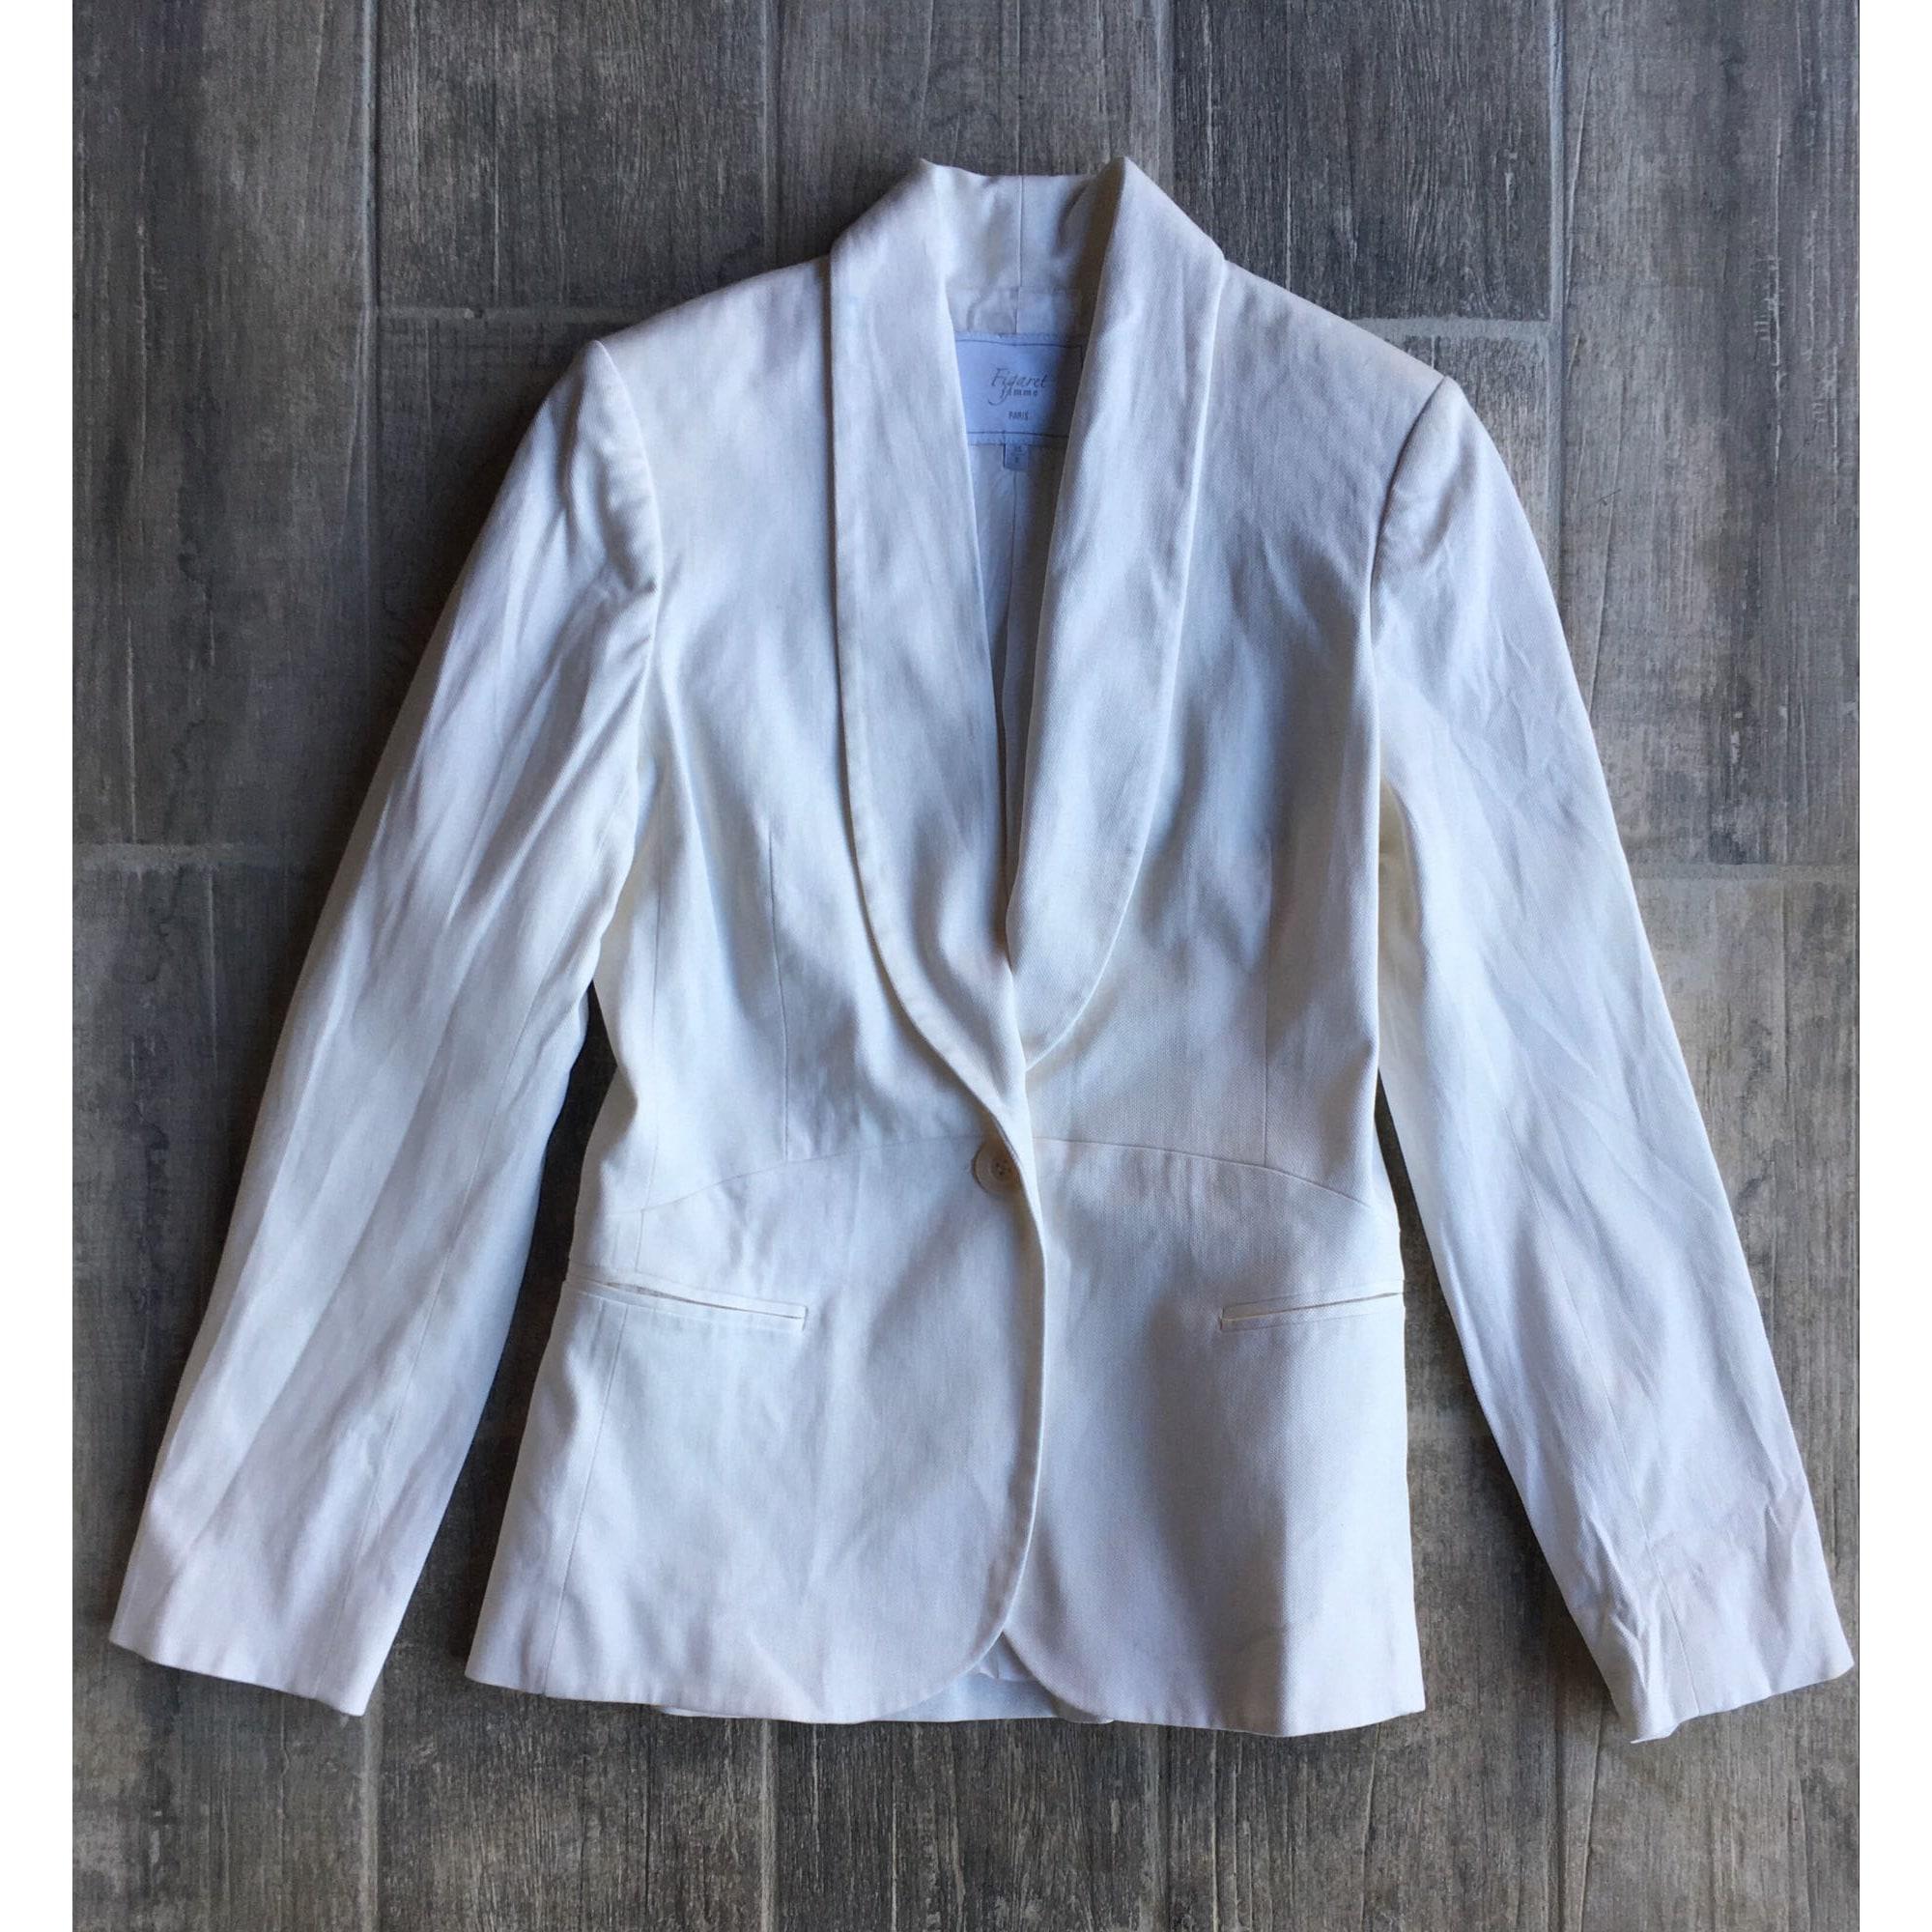 Blazer, veste tailleur ALAIN FIGARET Blanc, blanc cassé, écru